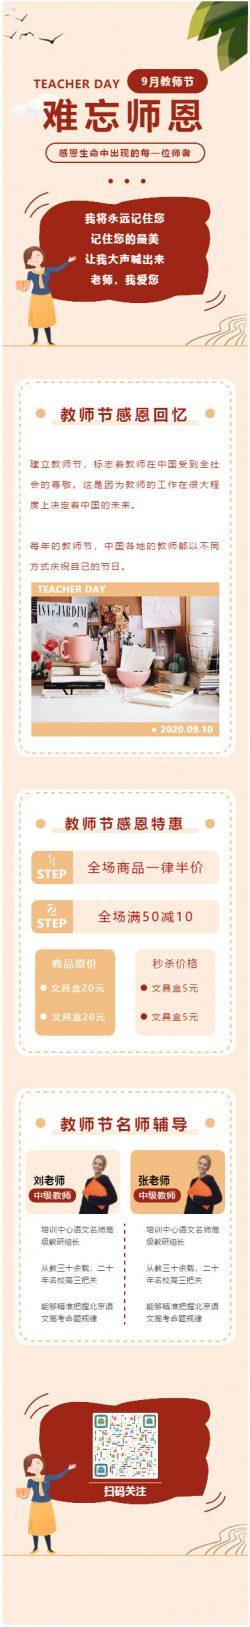 微信模板TEACHER DAY9月教师节难忘师恩公众号推送图文模板推文素材